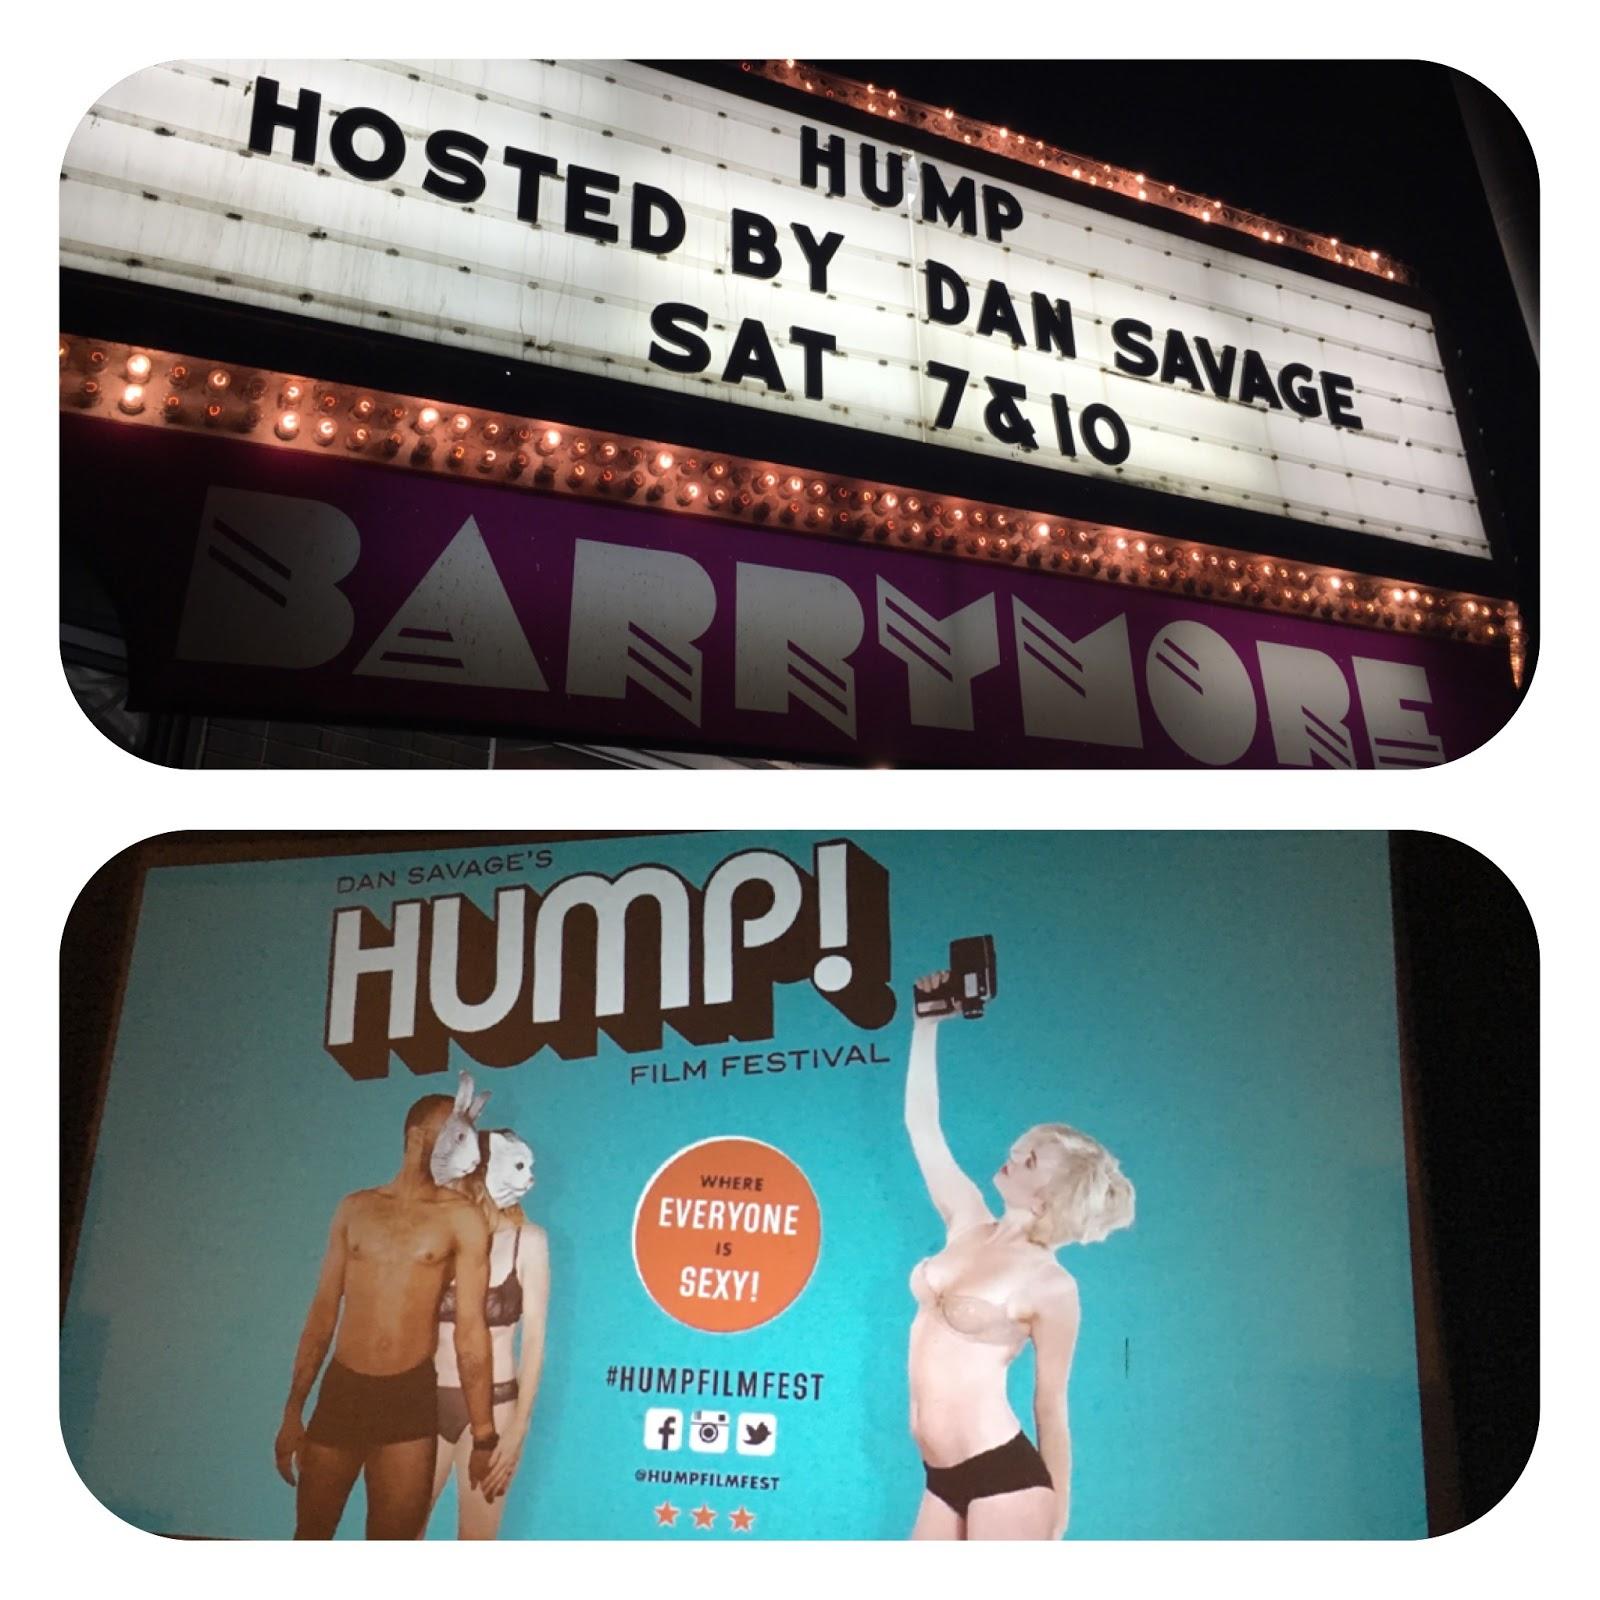 savage festival film Dan hump